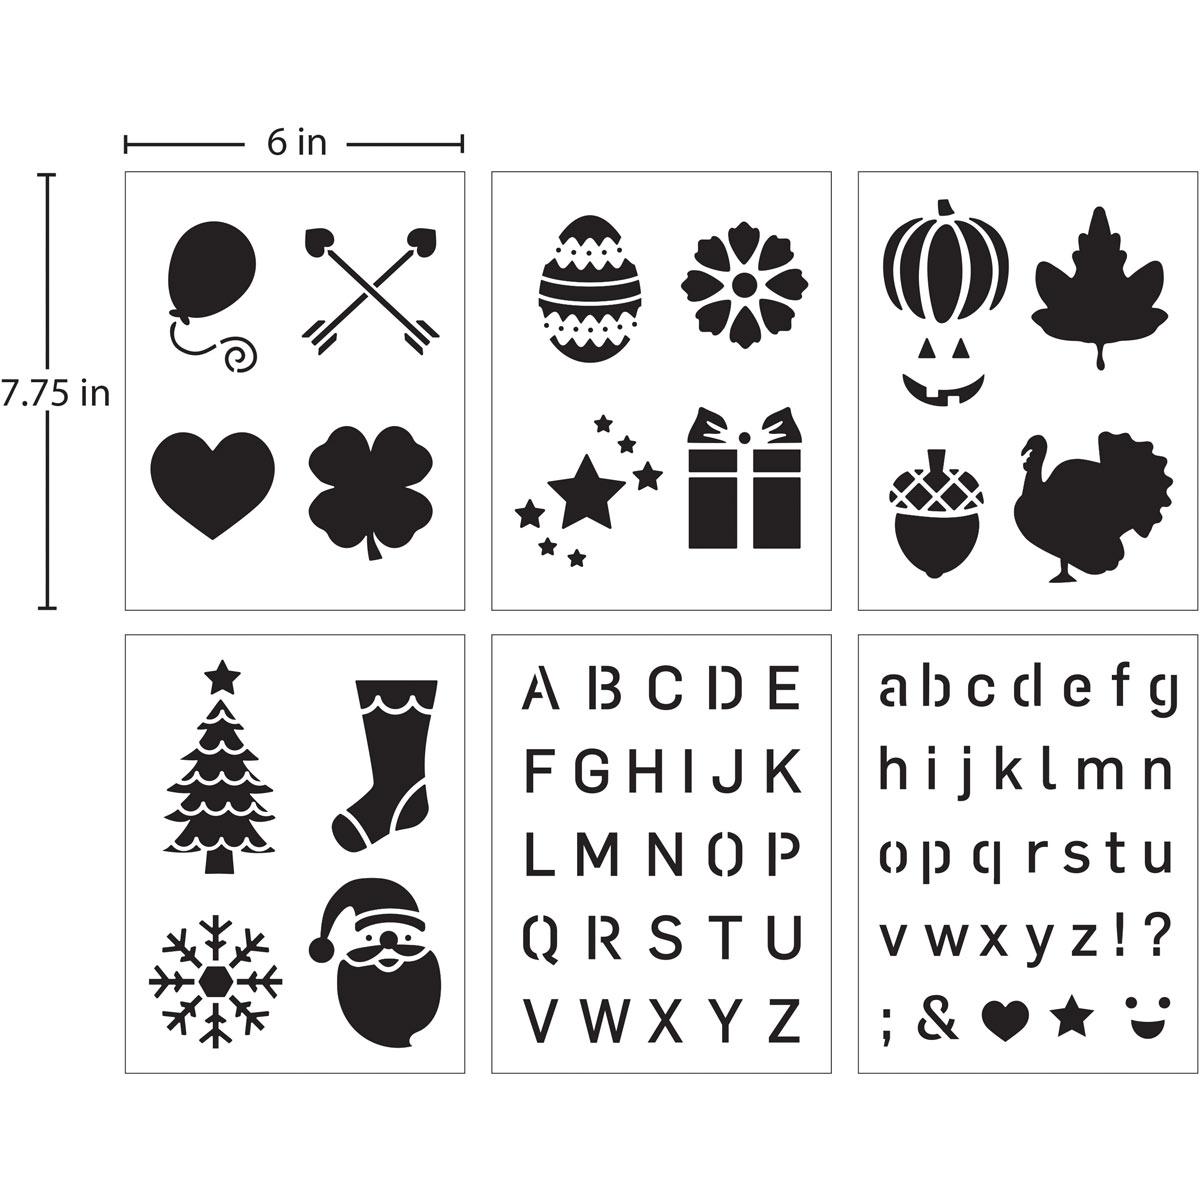 FolkArt ® Stencil Value Packs - Holiday, 6